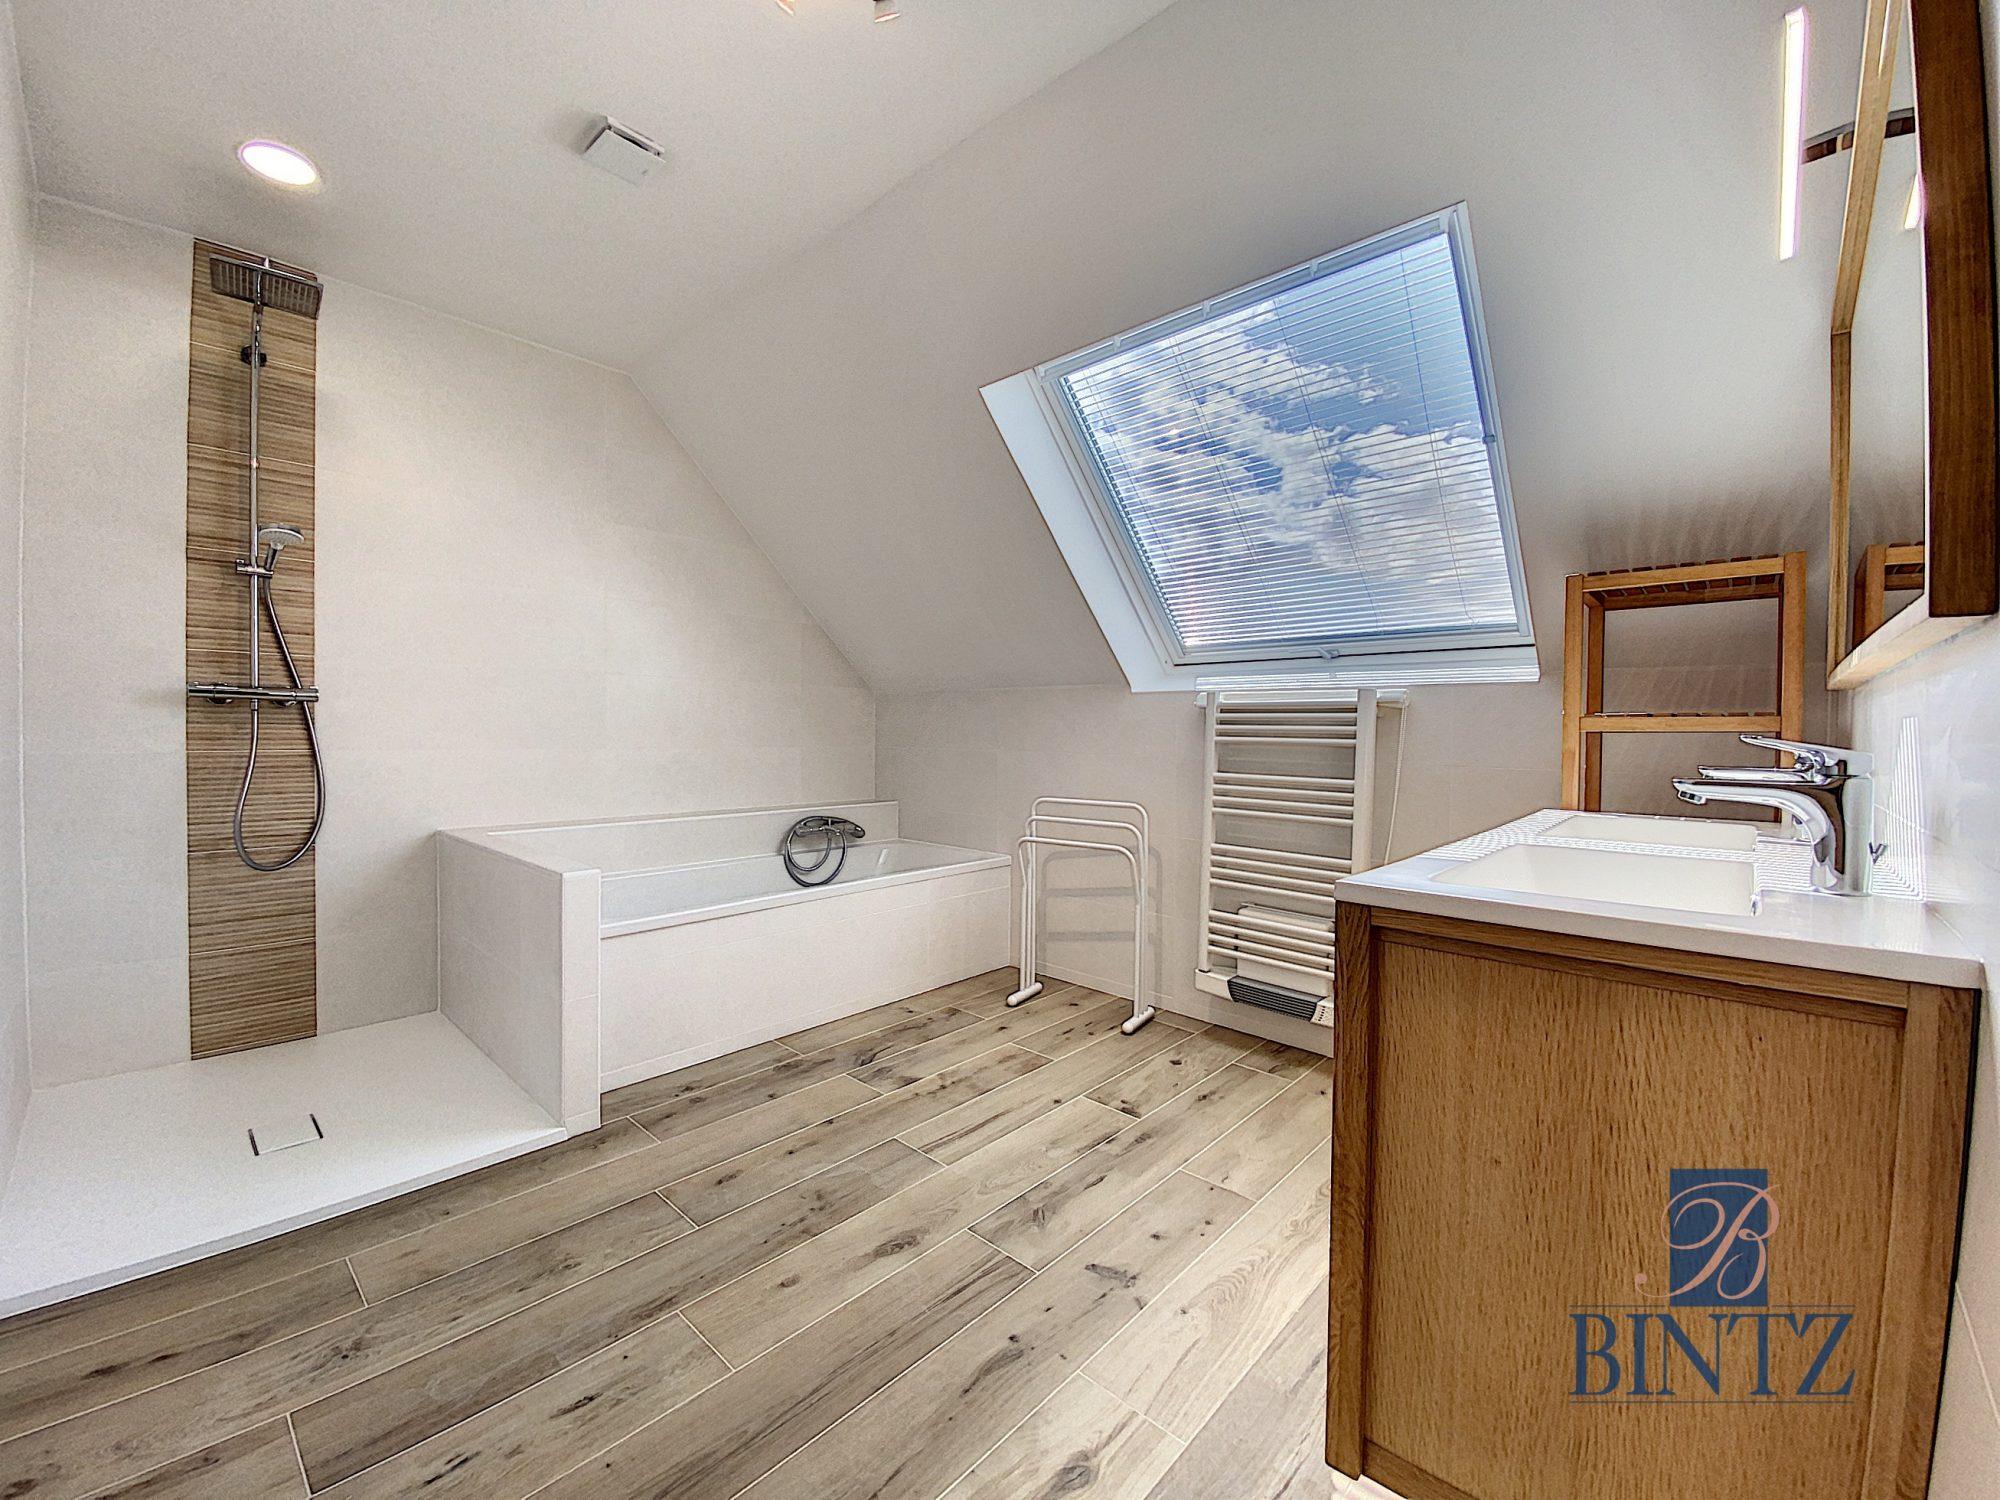 MAISON A LOUER ROBERTSAU - Devenez locataire en toute sérénité - Bintz Immobilier - 4